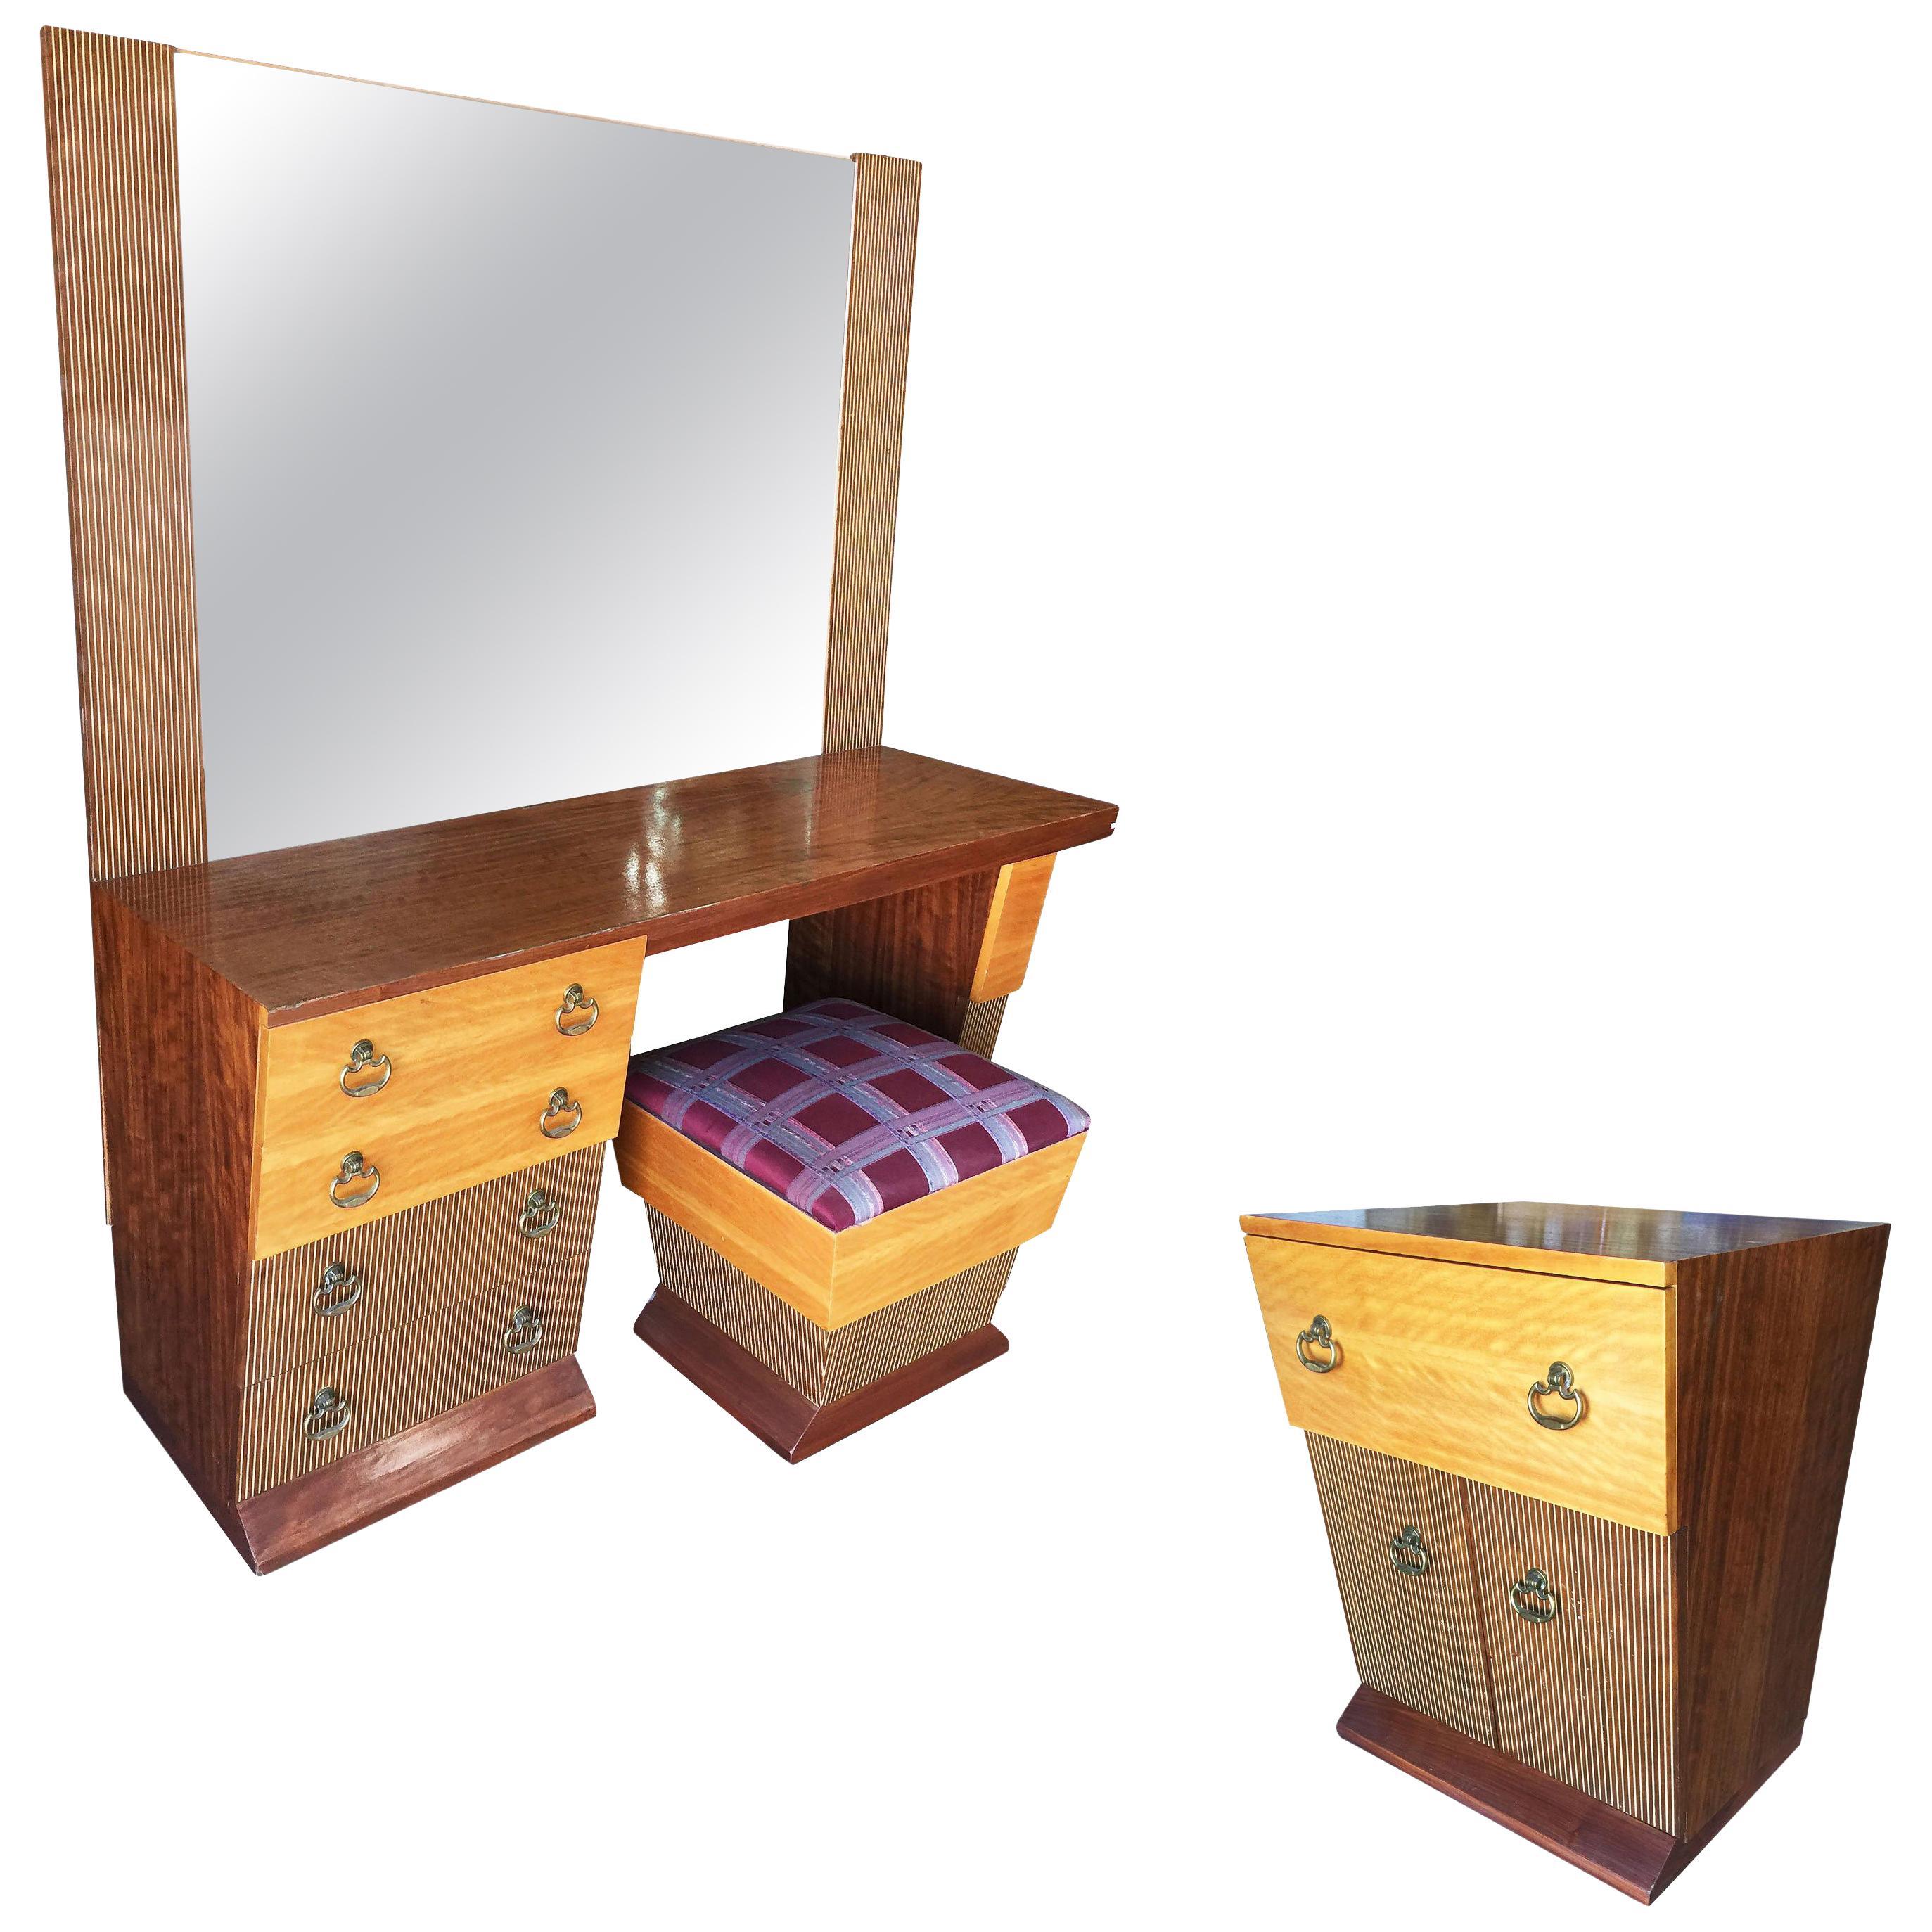 Asymmetrical Midcentury Bedroom Set, Vanity